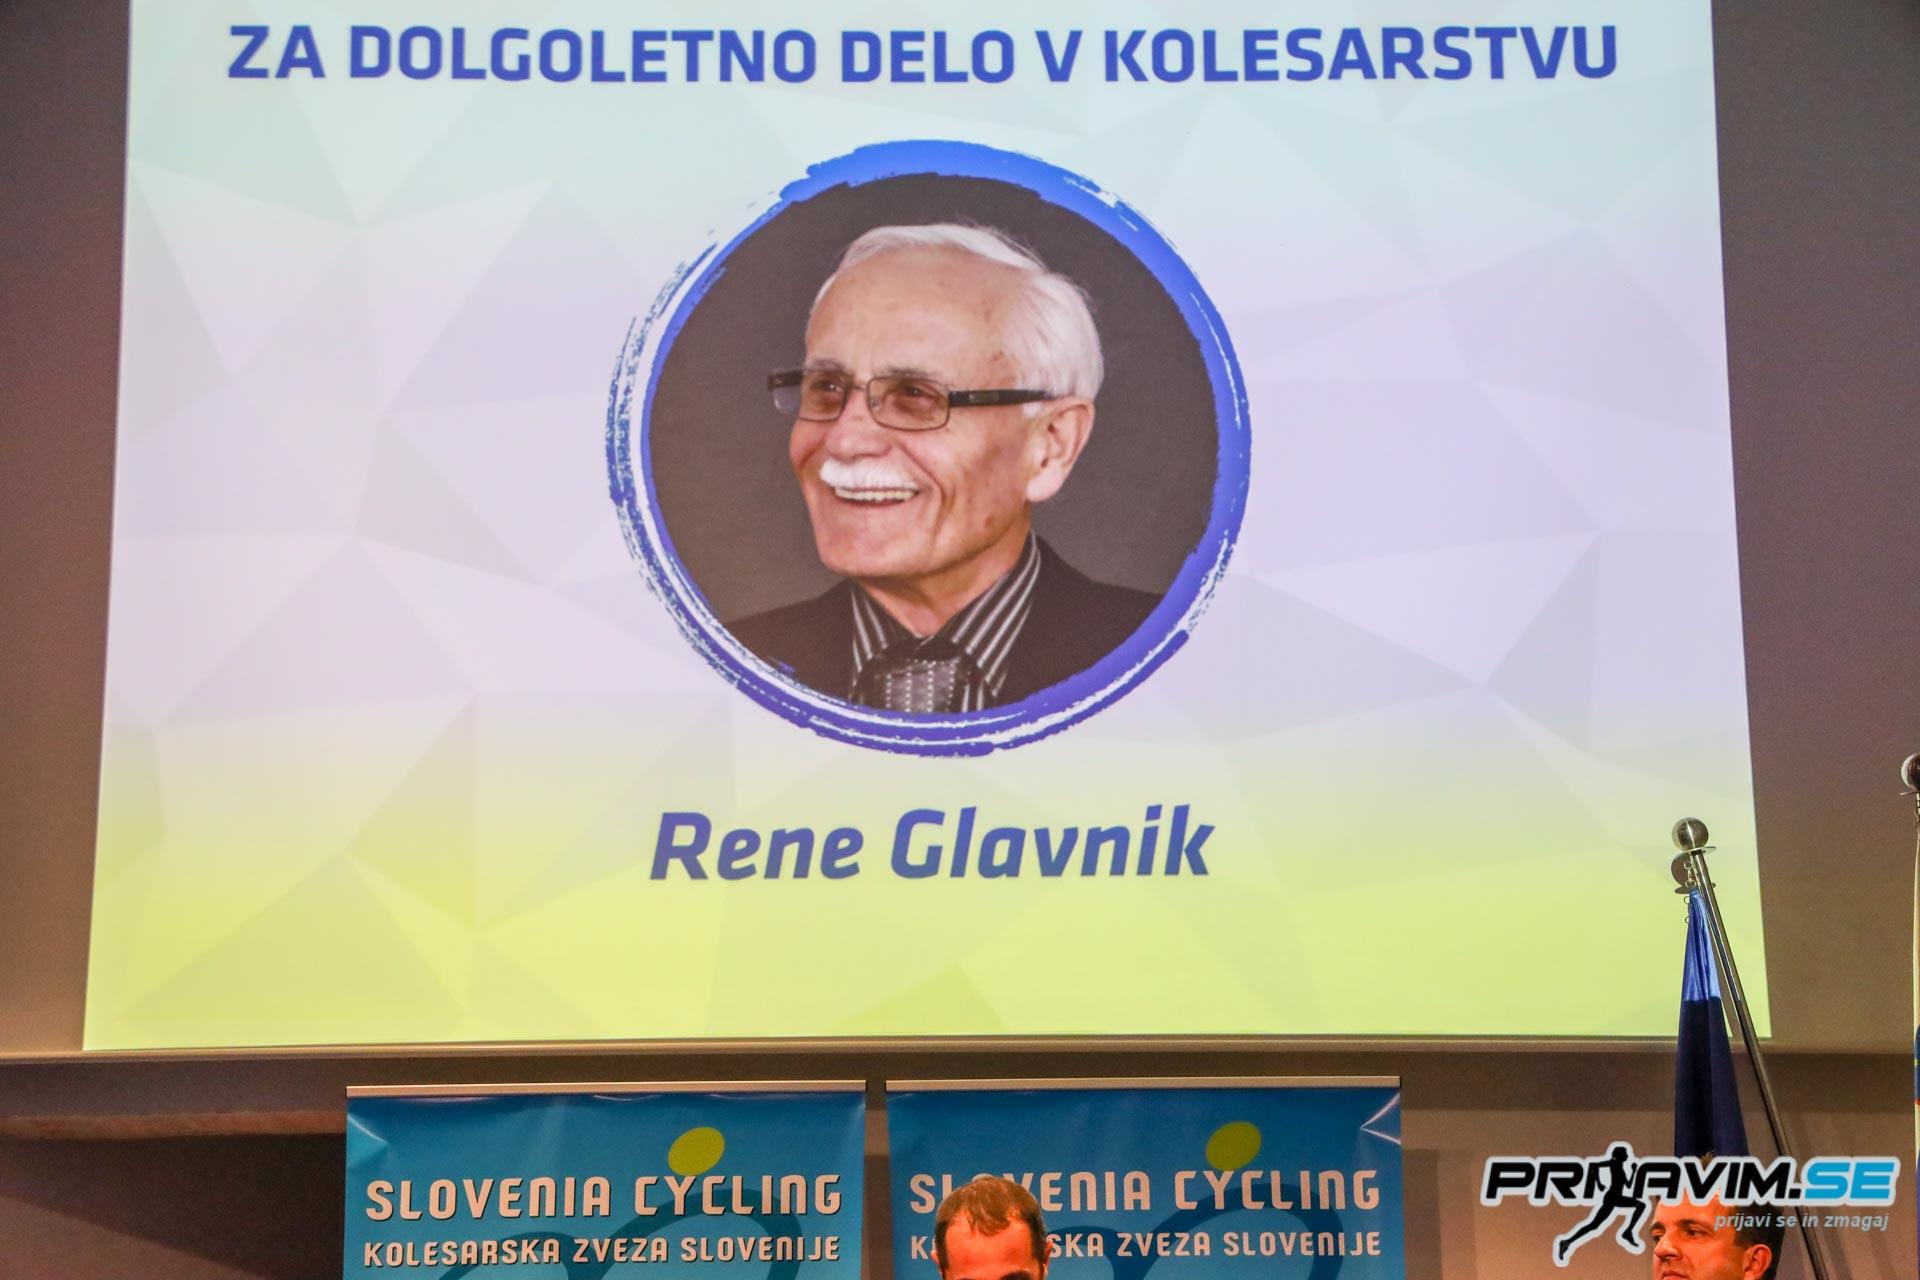 Rene Glavnik